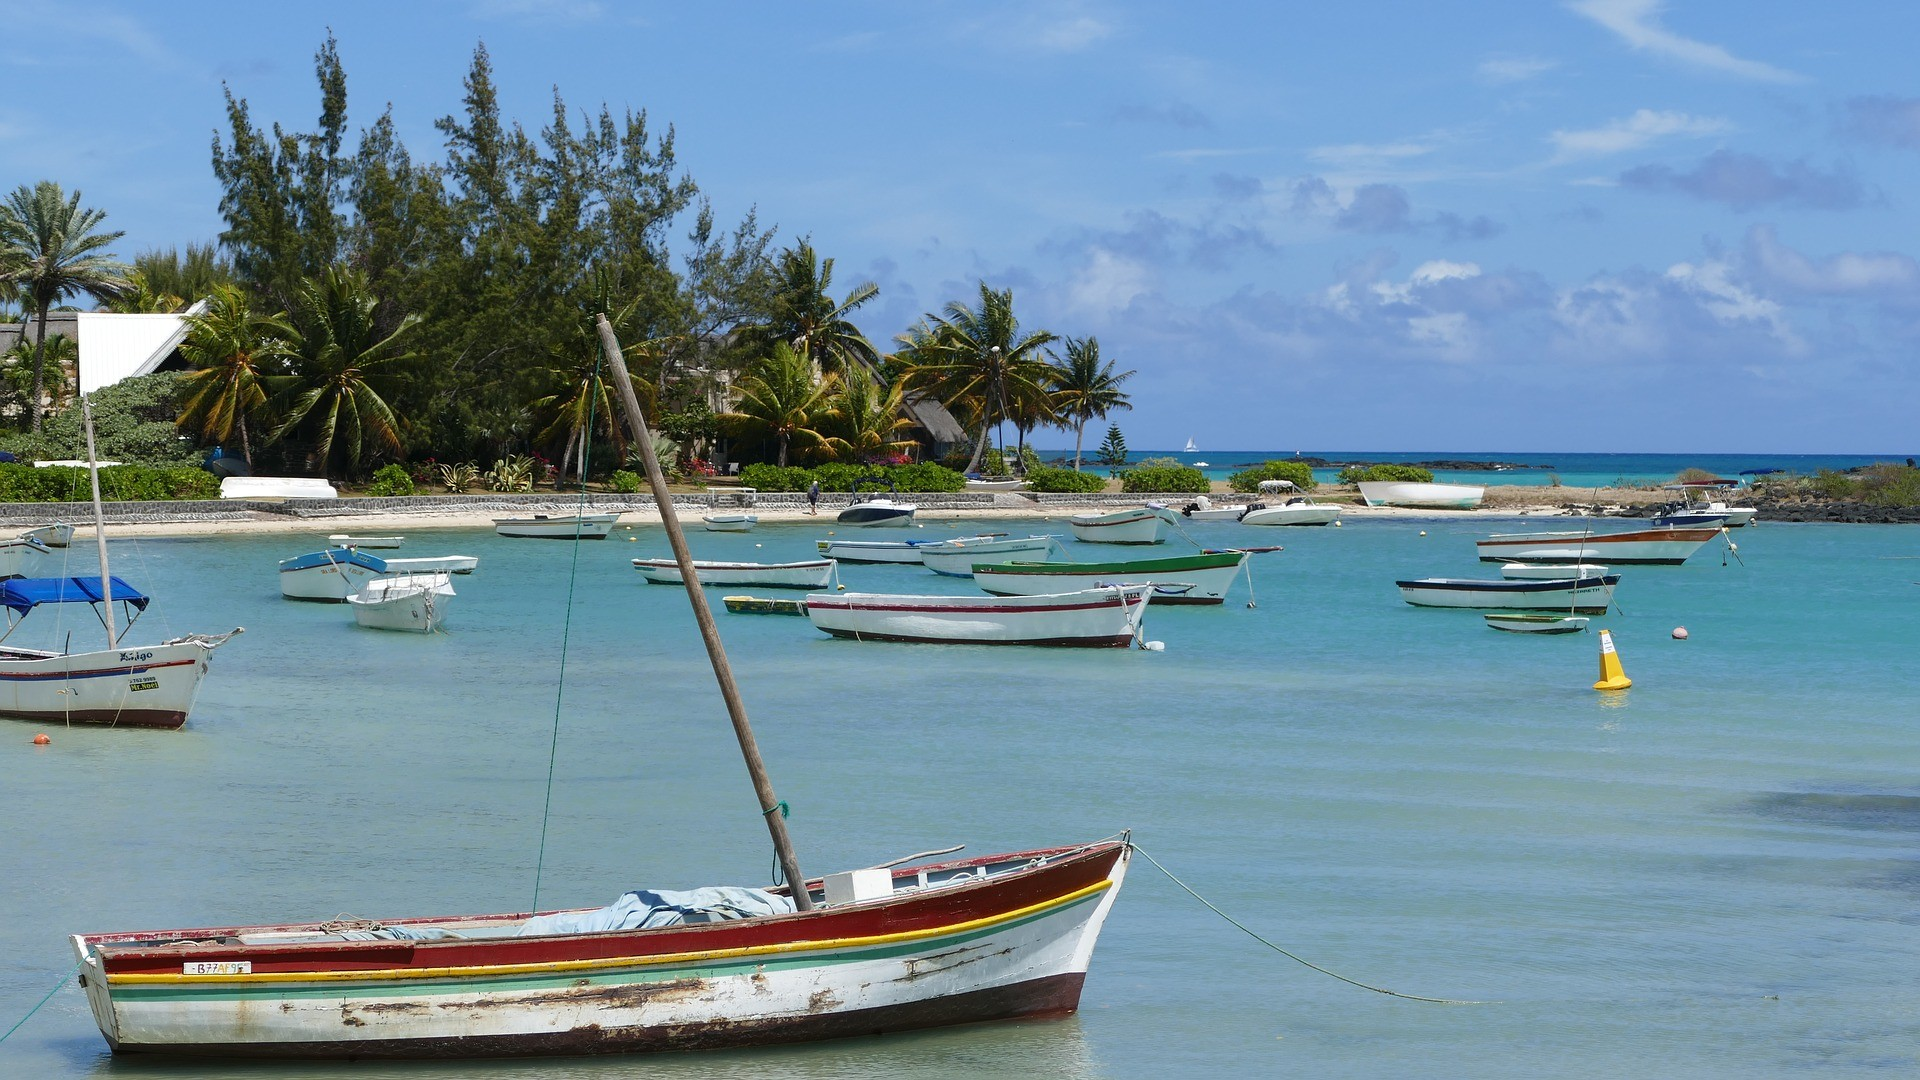 news-main-a-partir-du-15-juillet-lile-maurice-accueillera-de-nouveau-les-voyageurs-internationaux.1623670741.jpg